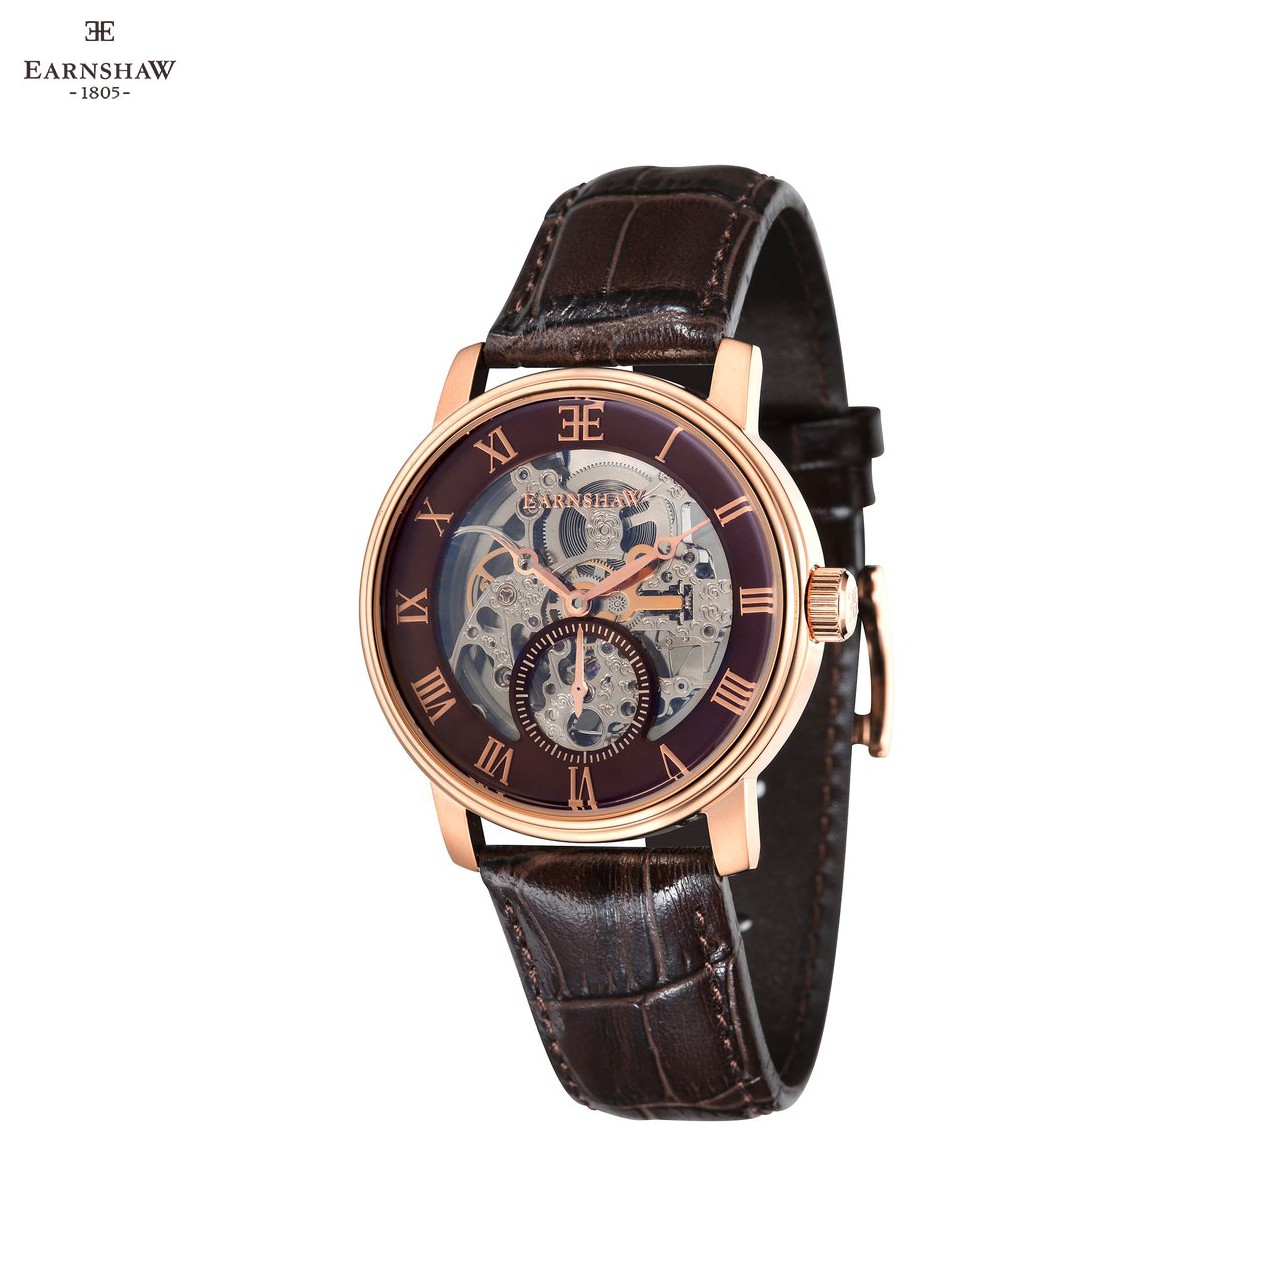 Наручные часы Earnshaw ES 8041 05 мужские механические с автоподзаводом на кожаном ремешке|Механические часы| | АлиЭкспресс